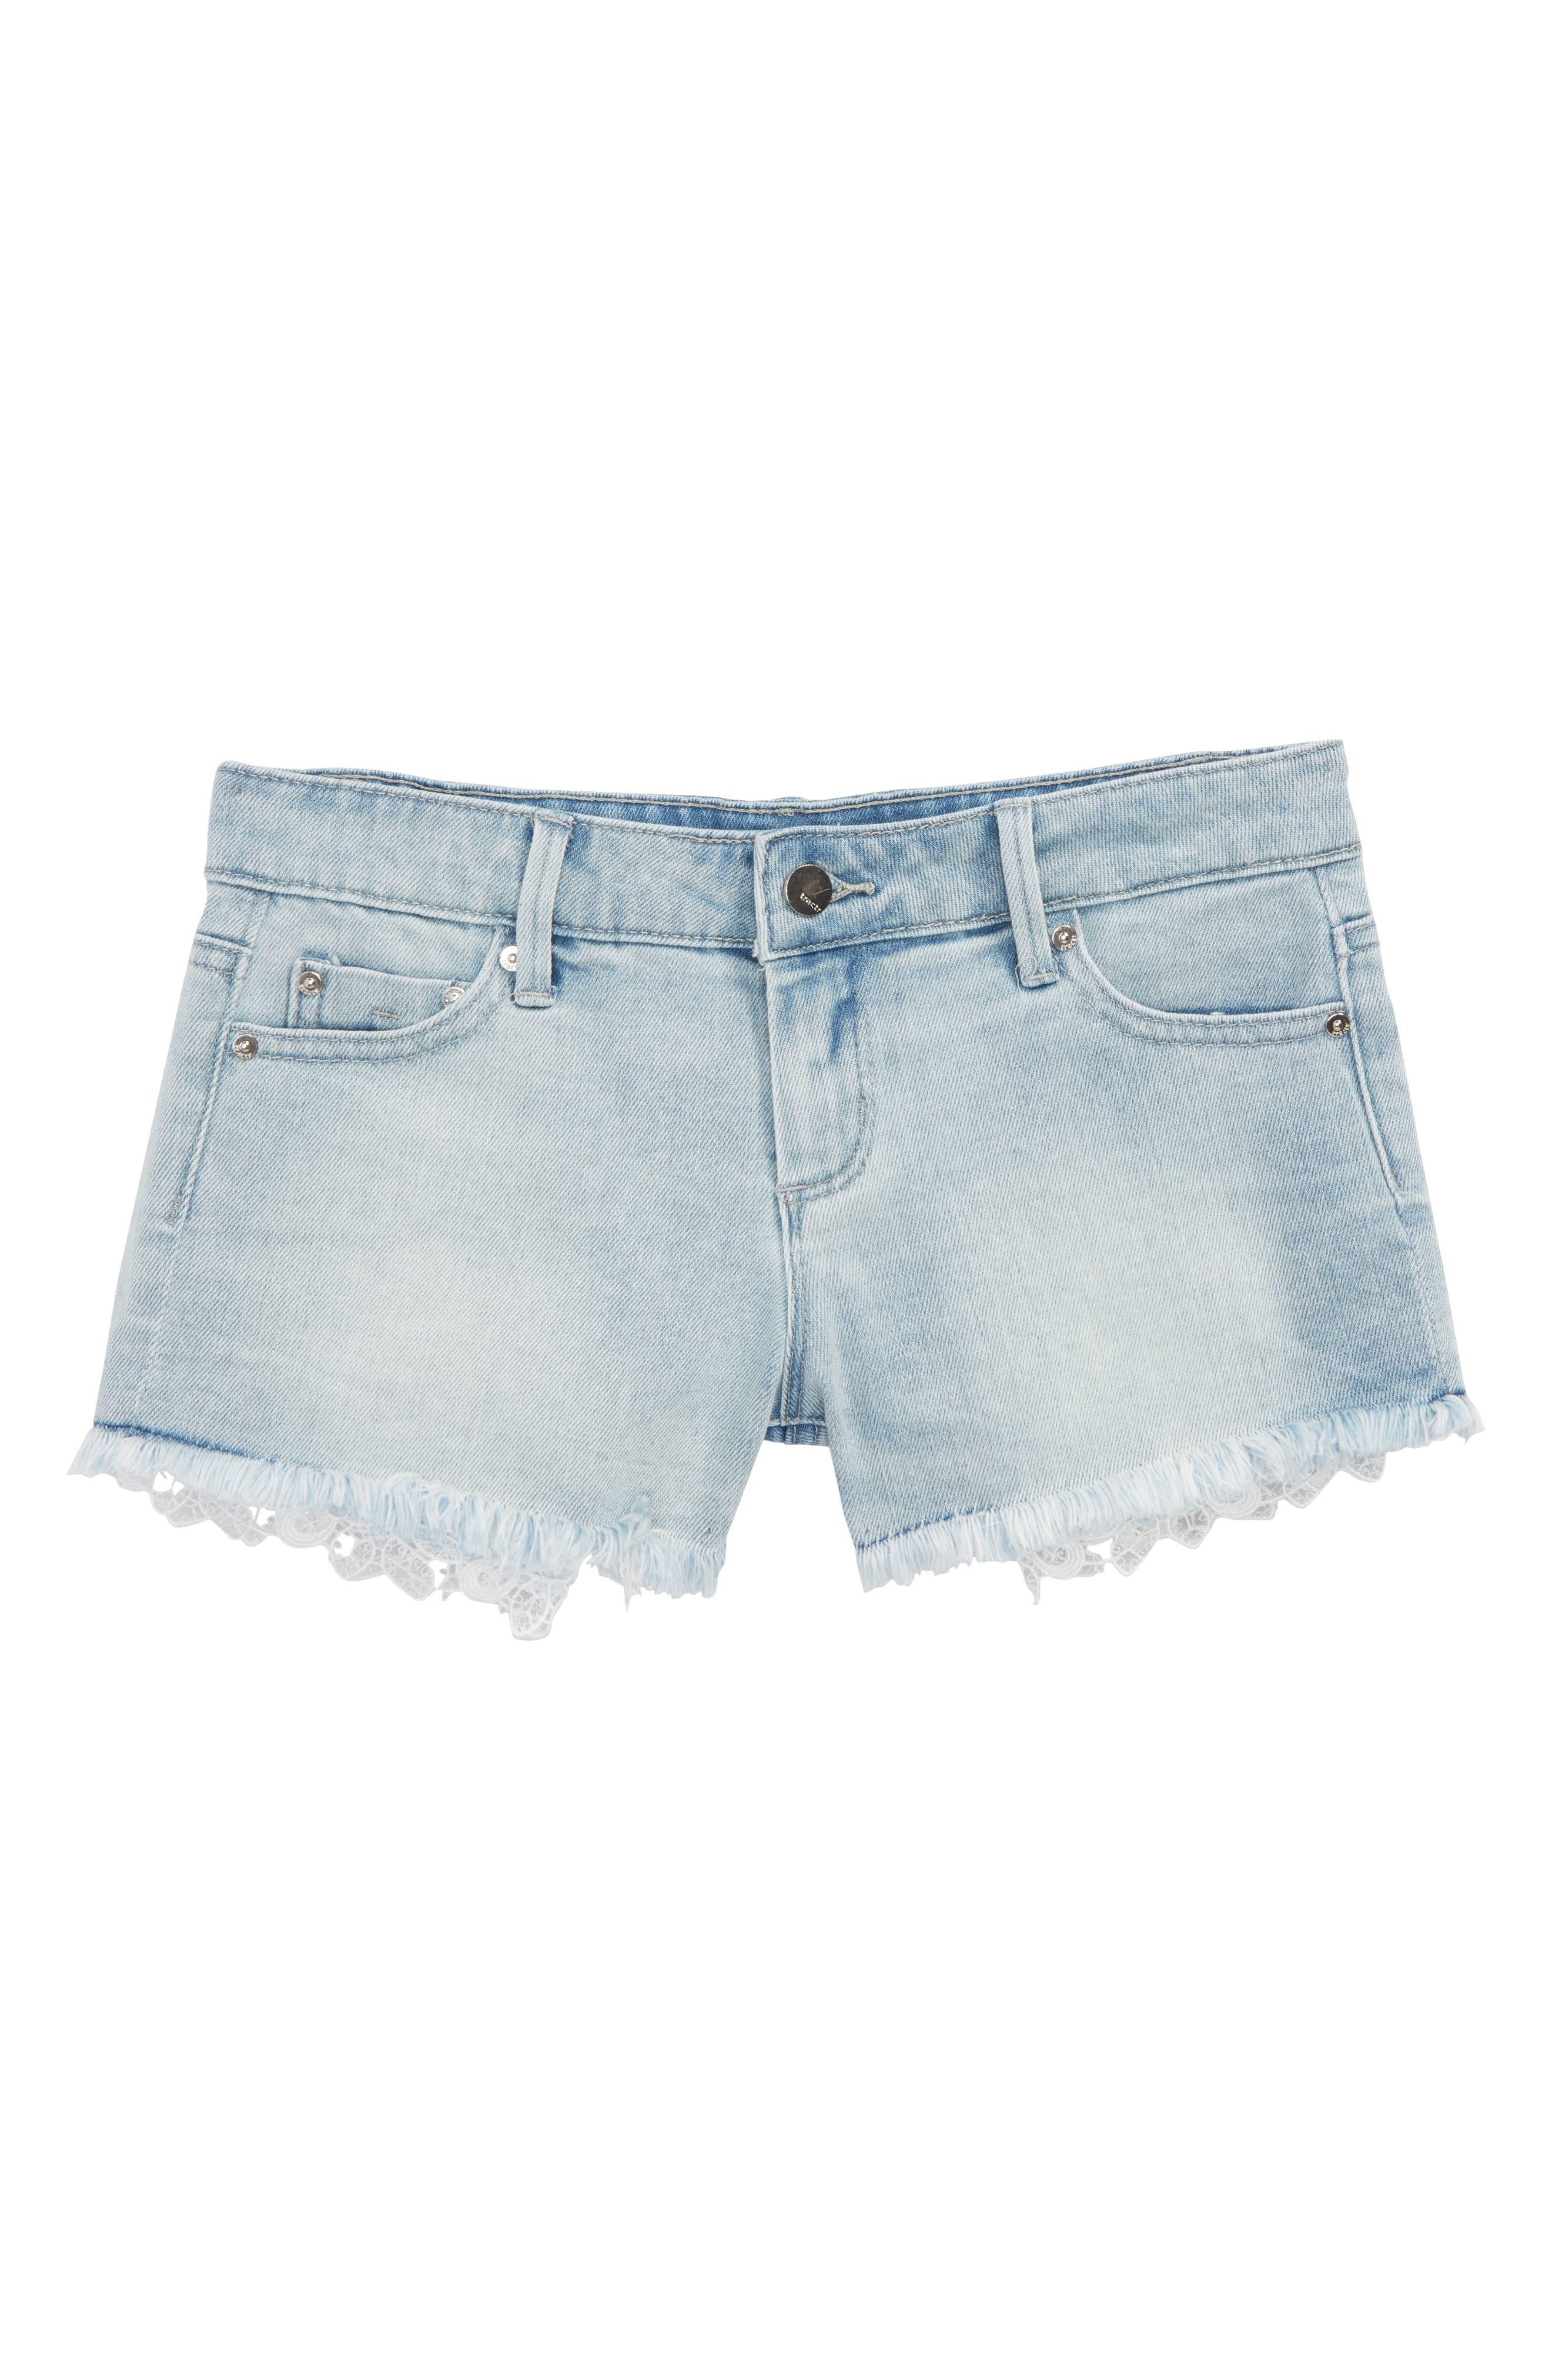 Lace Denim Shorts,                         Main,                         color, 400